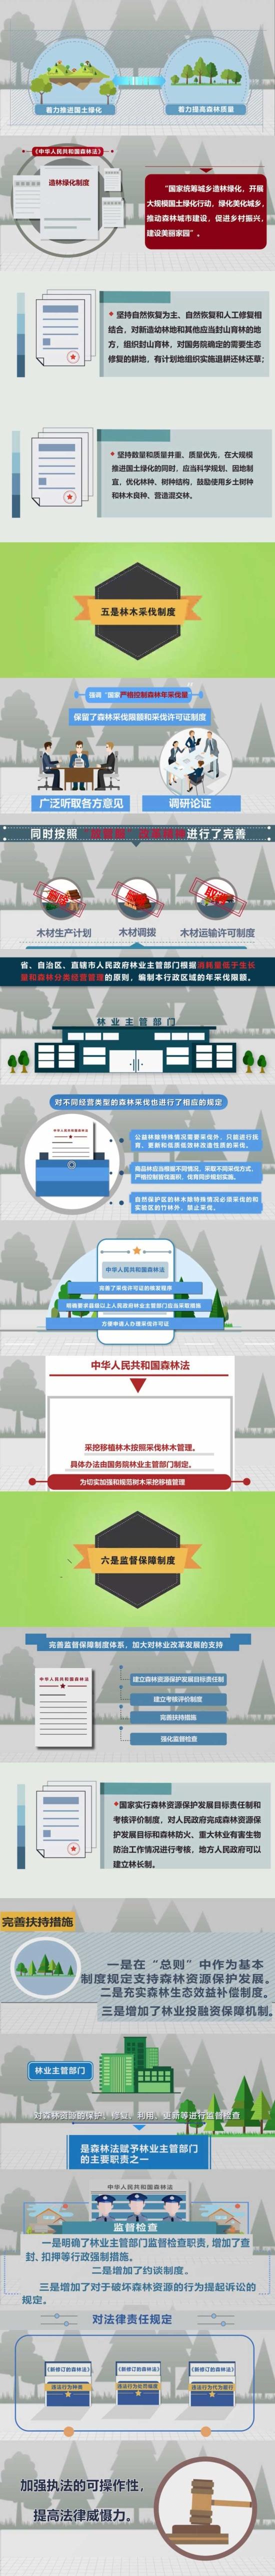 一图读懂新《森林法》 新《中华人民共和国森林法》将有这些变化